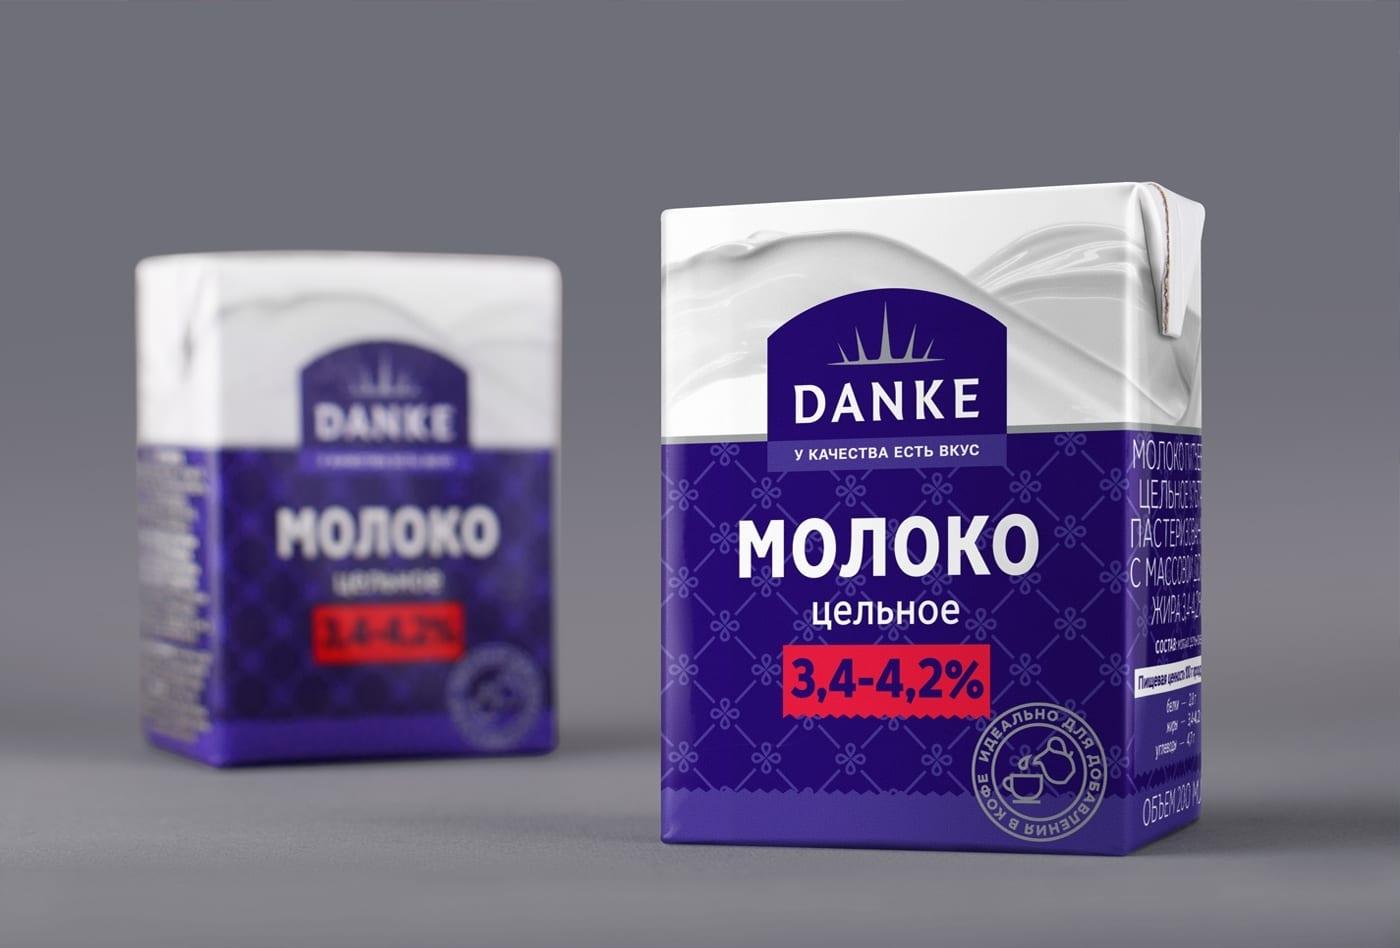 DANKE 3 - Ach, tie obaly – Danke Dairy mléčné výrobky